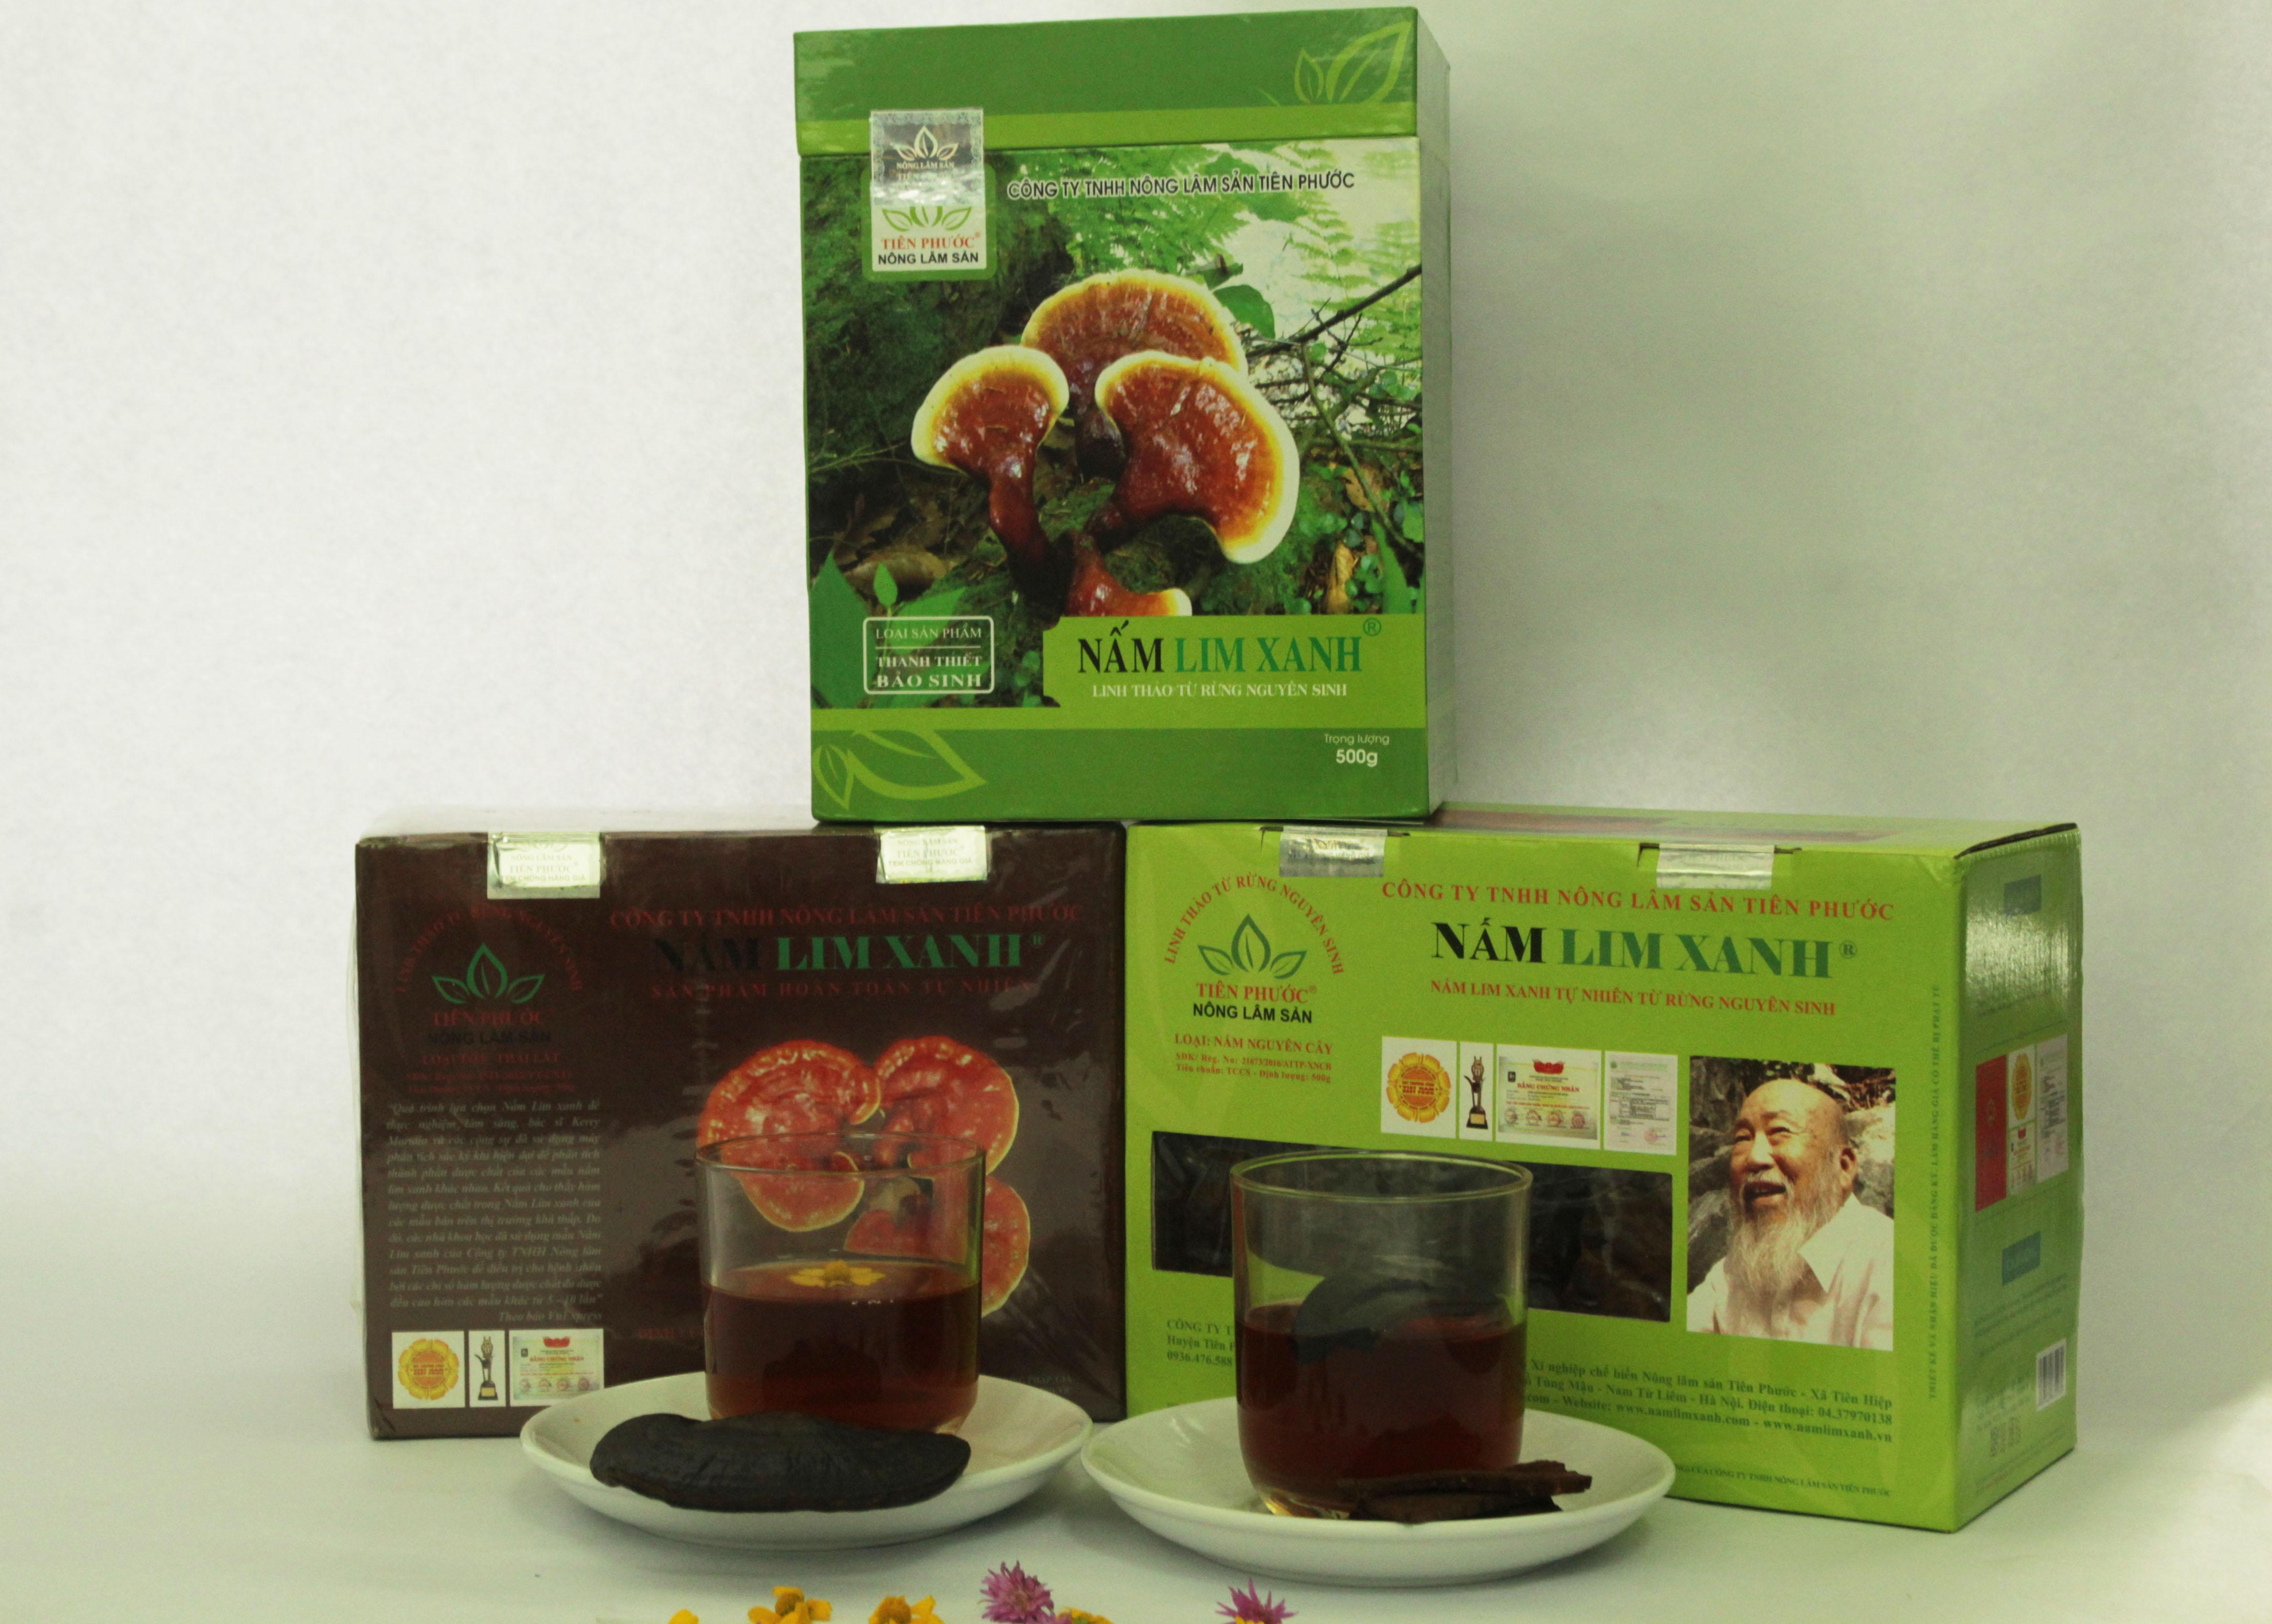 Sản phẩm nấm lim xanh được chia thành 3 loại